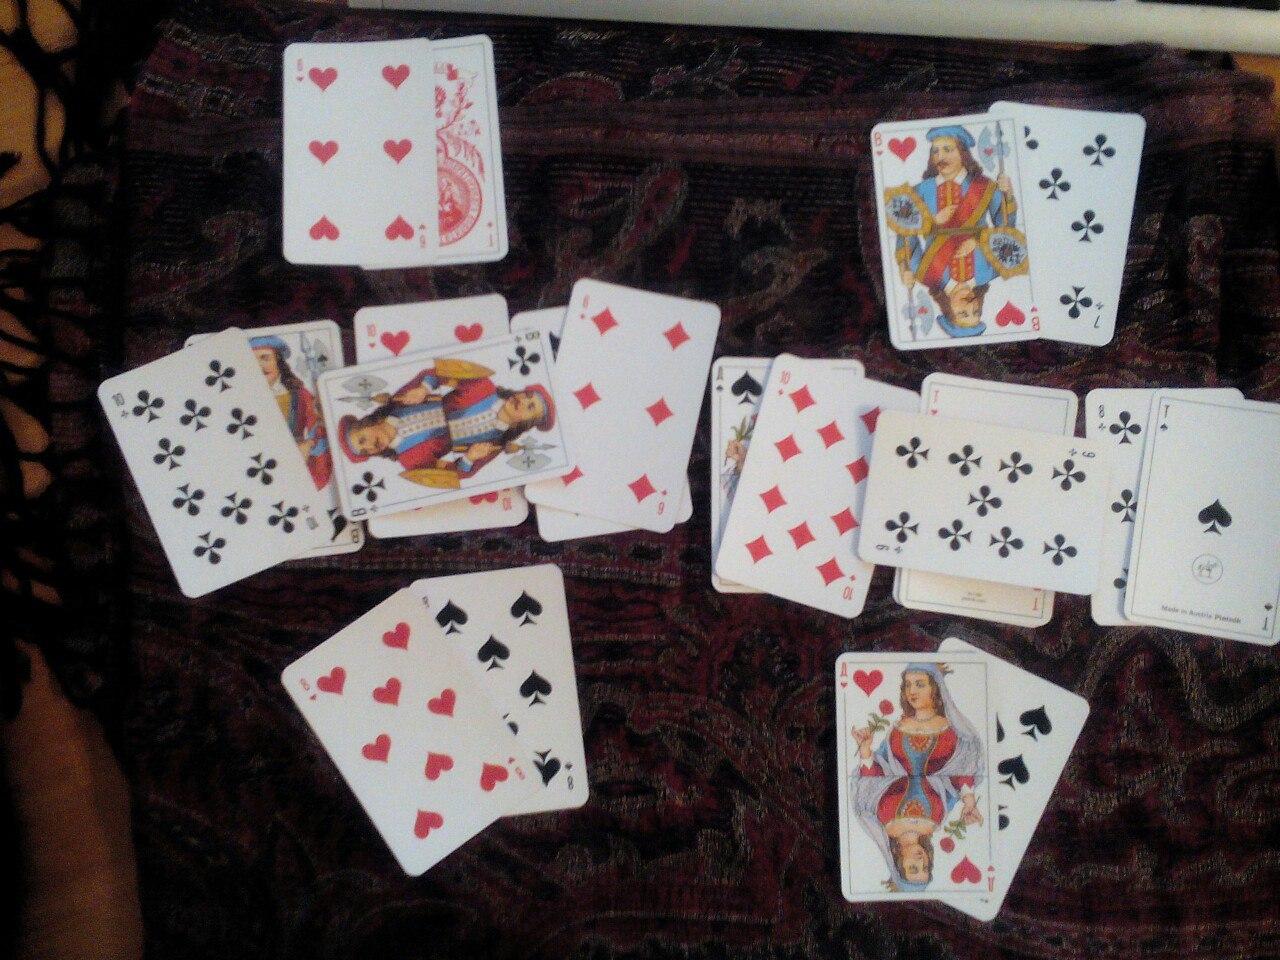 Пример гадания на игральных картах (любовное)